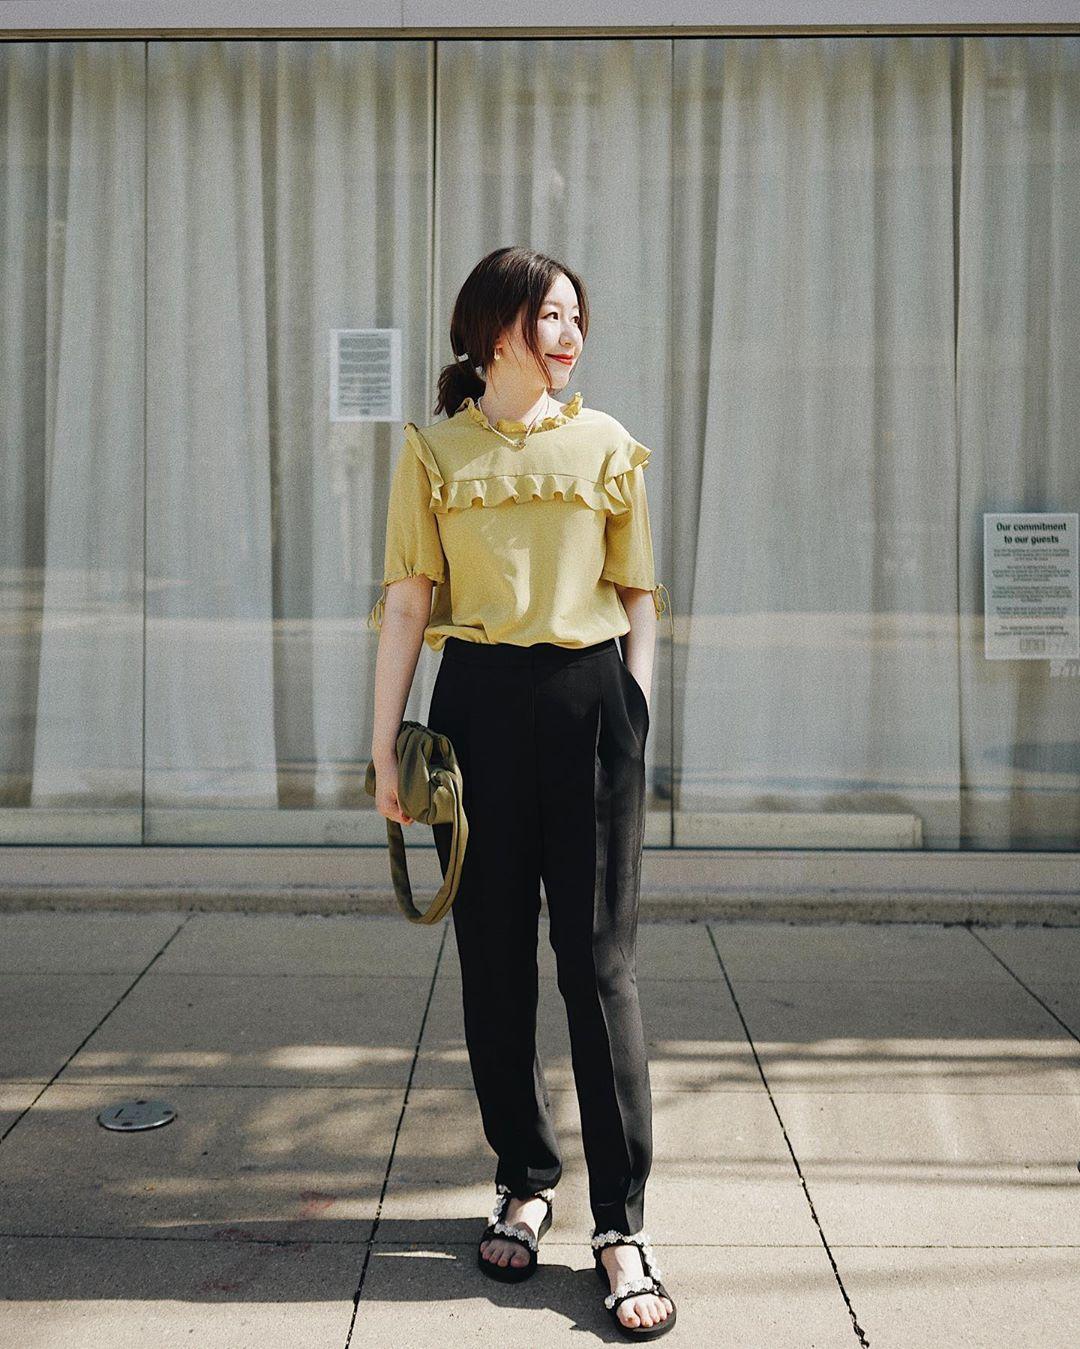 Giày sandals nữ đế thô màu đen phối cùng quần baggy đen và áo vàng